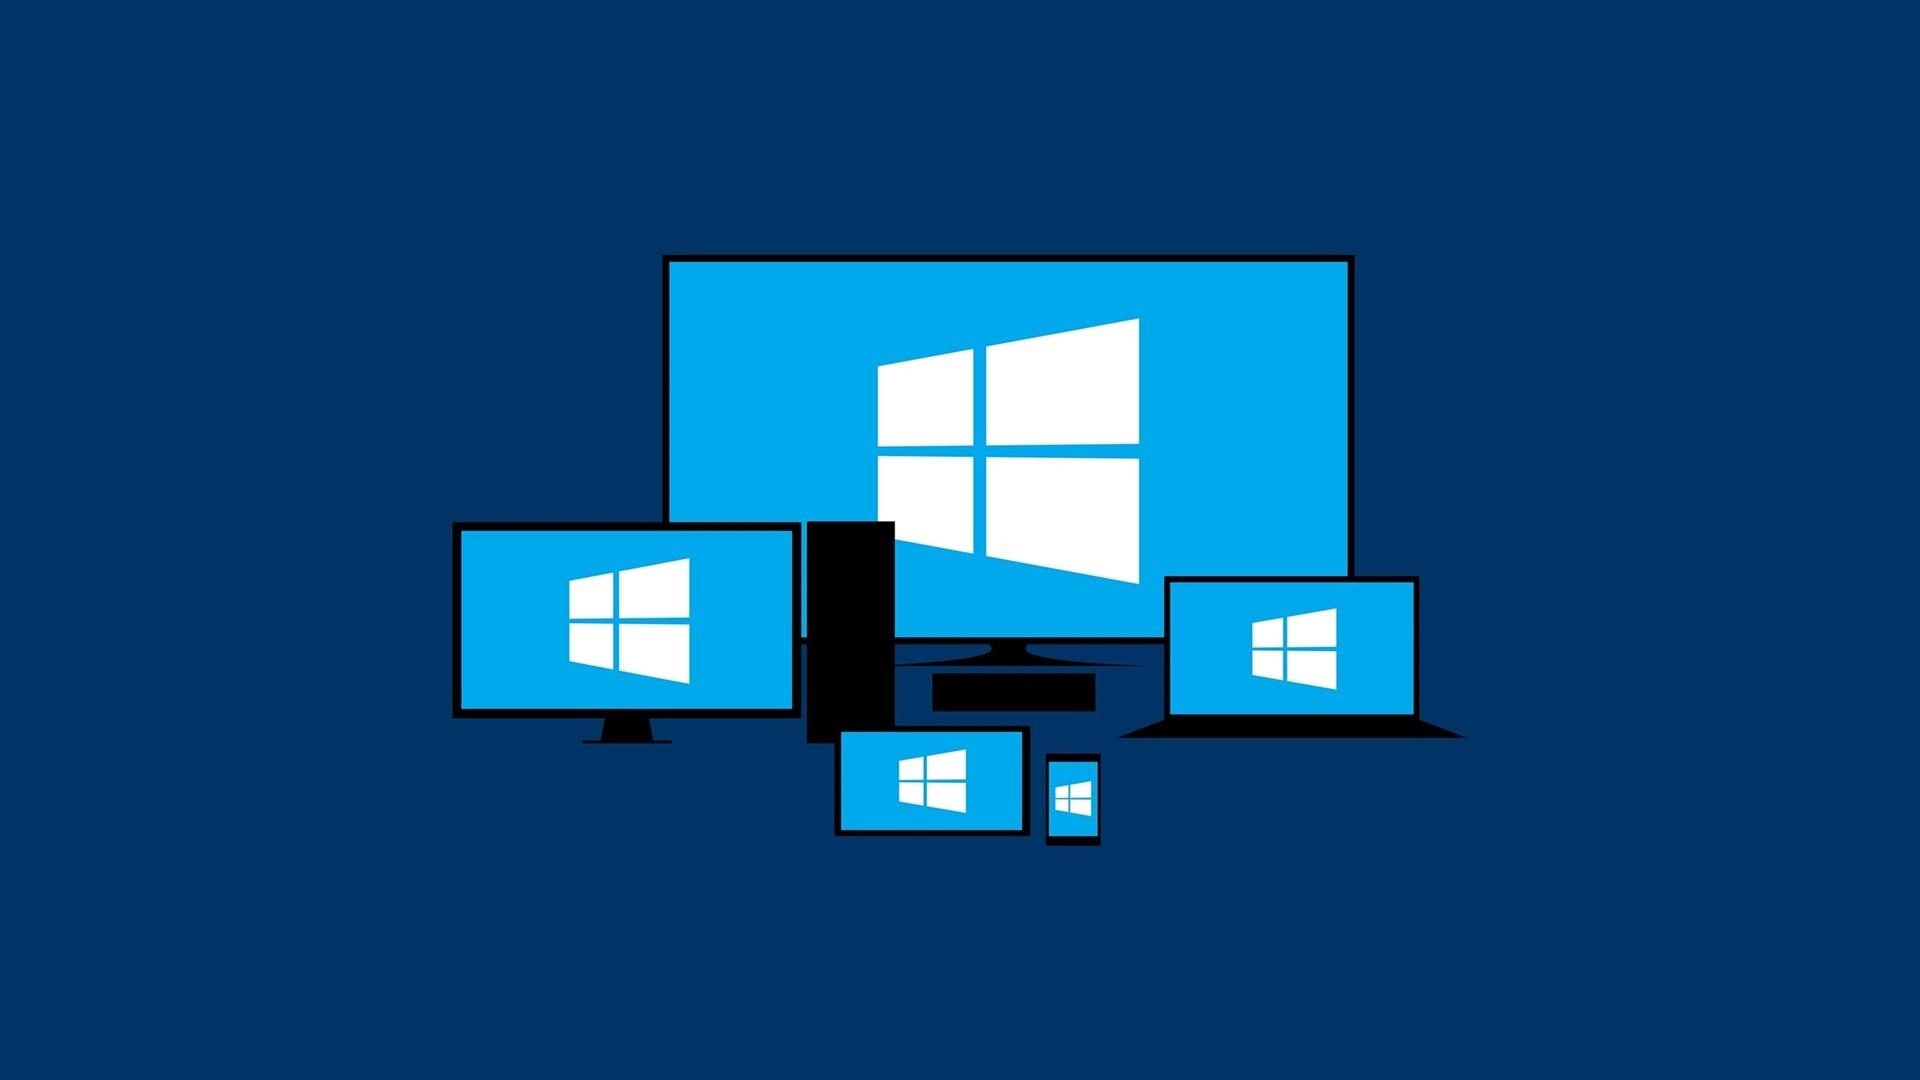 Обновление для Windows 10 обеспечит единую оболочку для различных девайсов